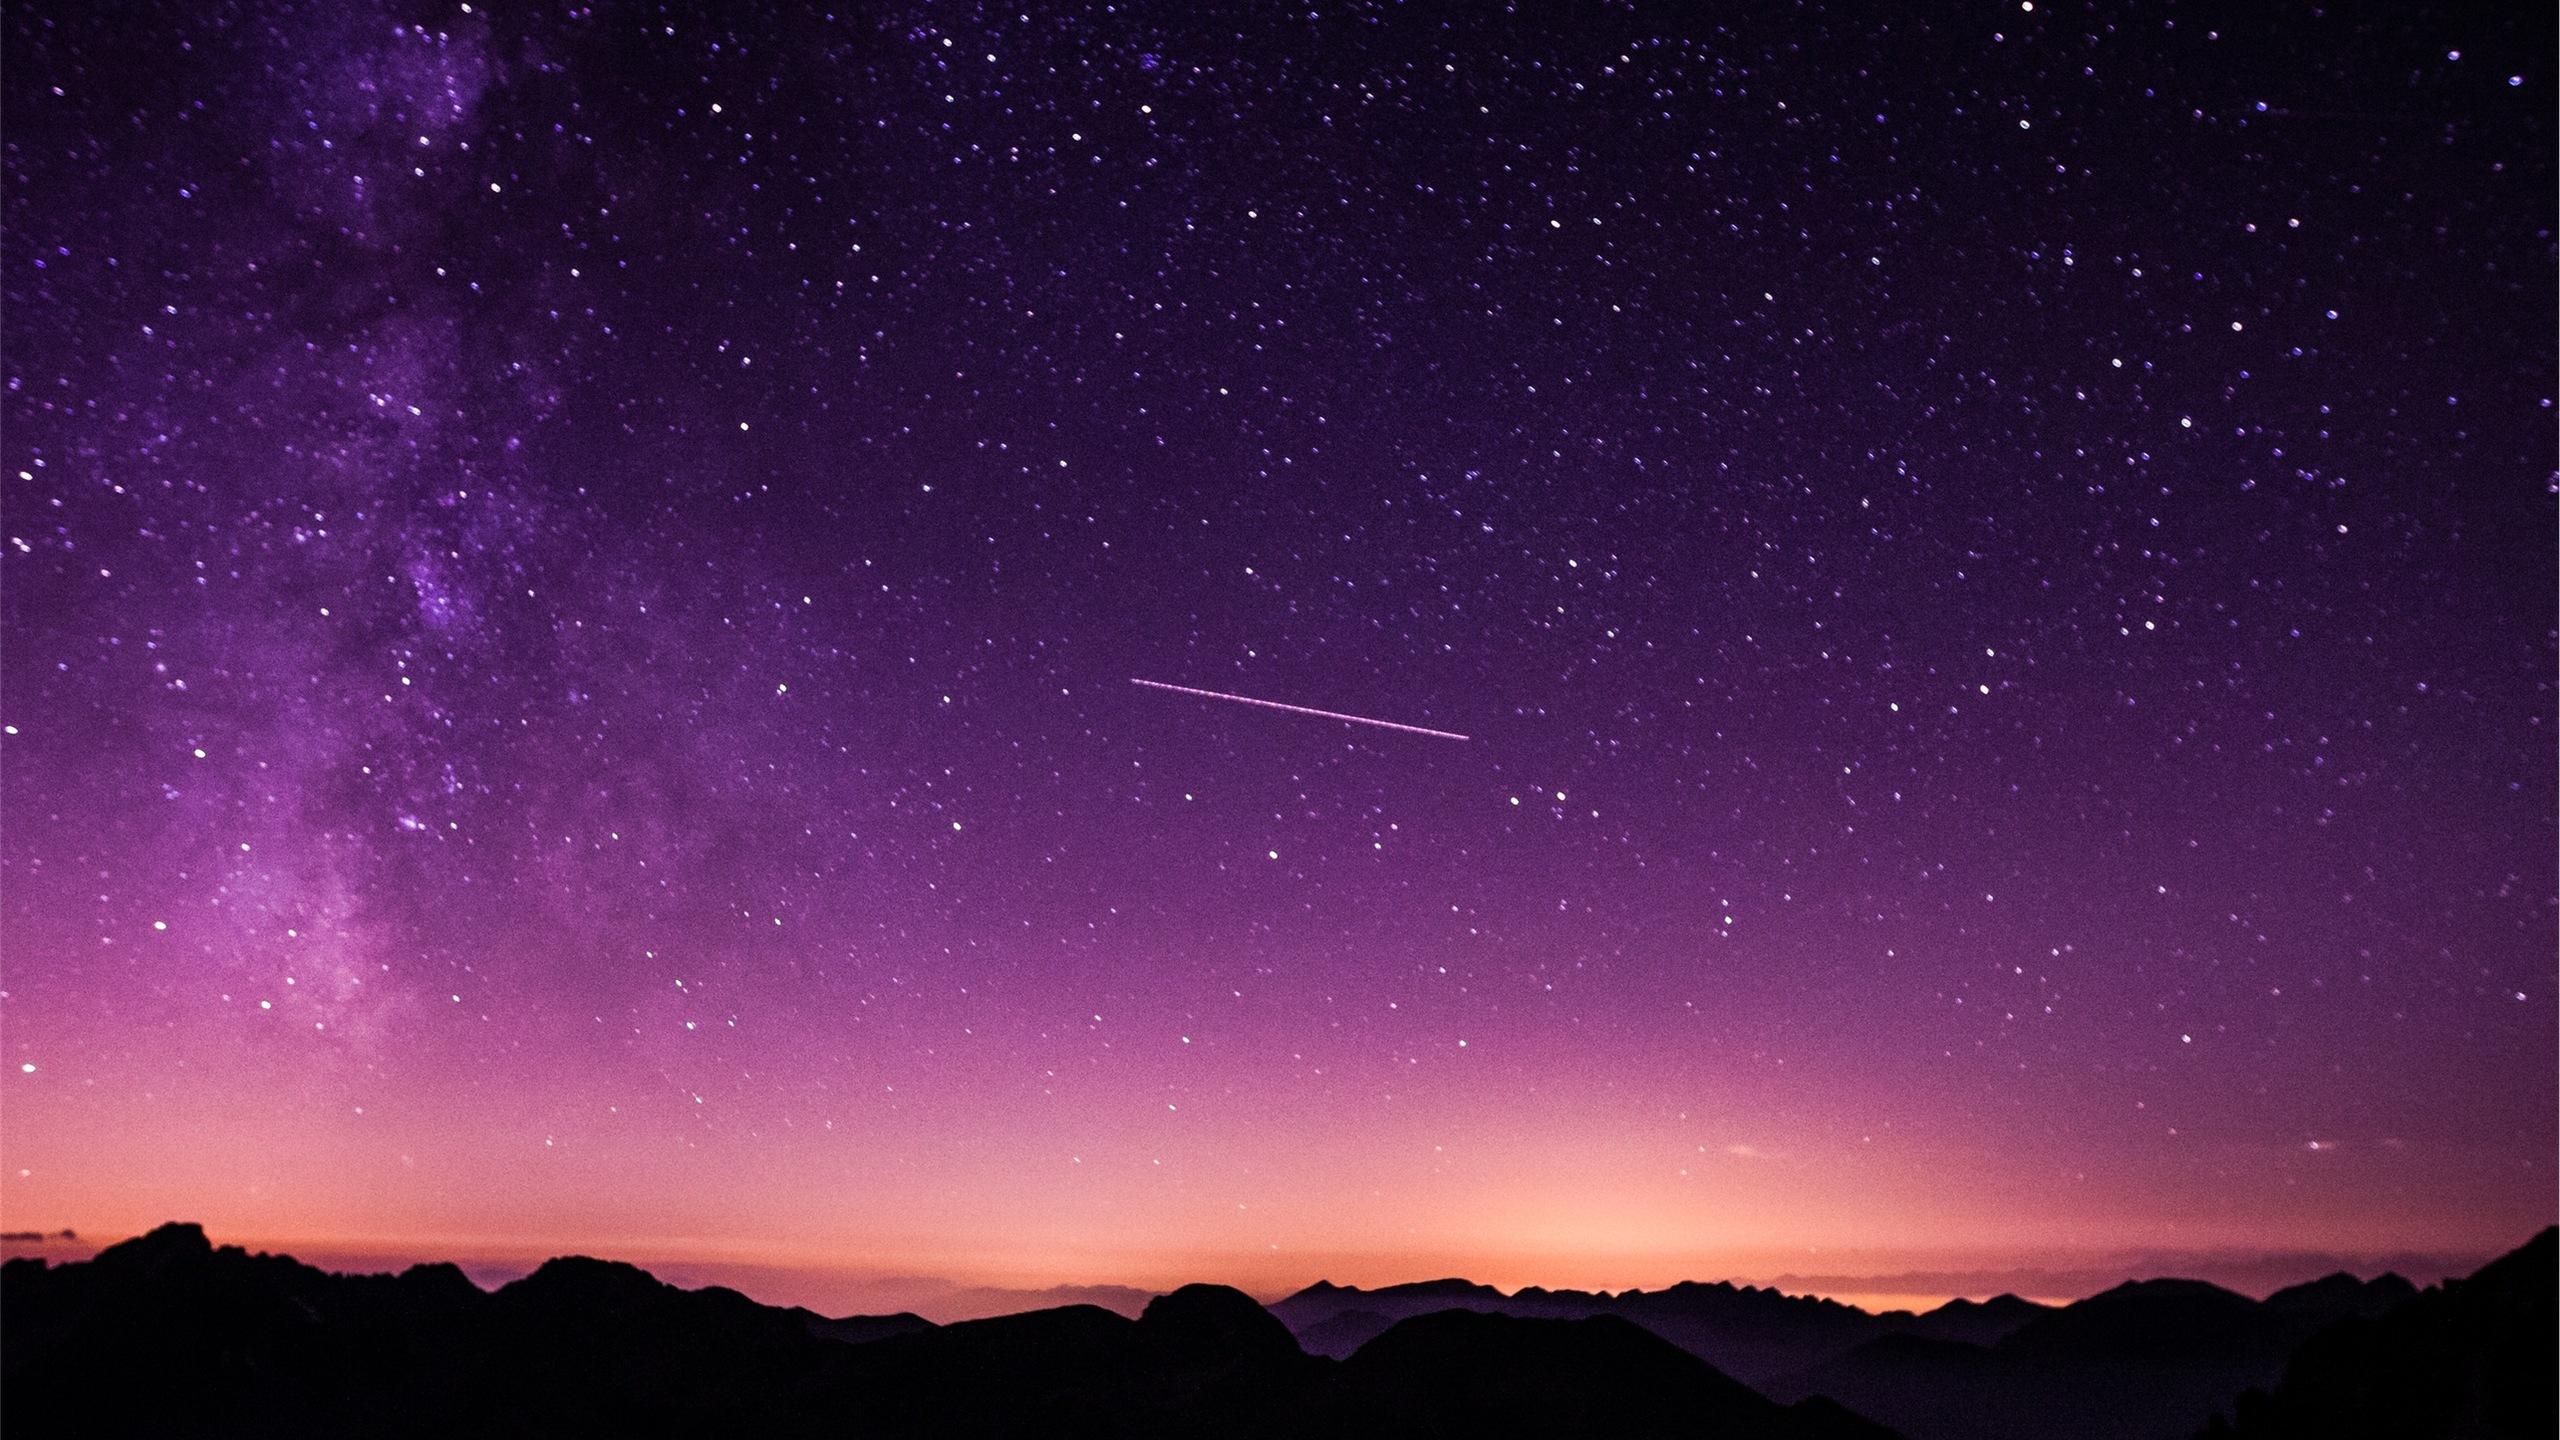 shooting-stars-in-purple-sky-k8.jpg